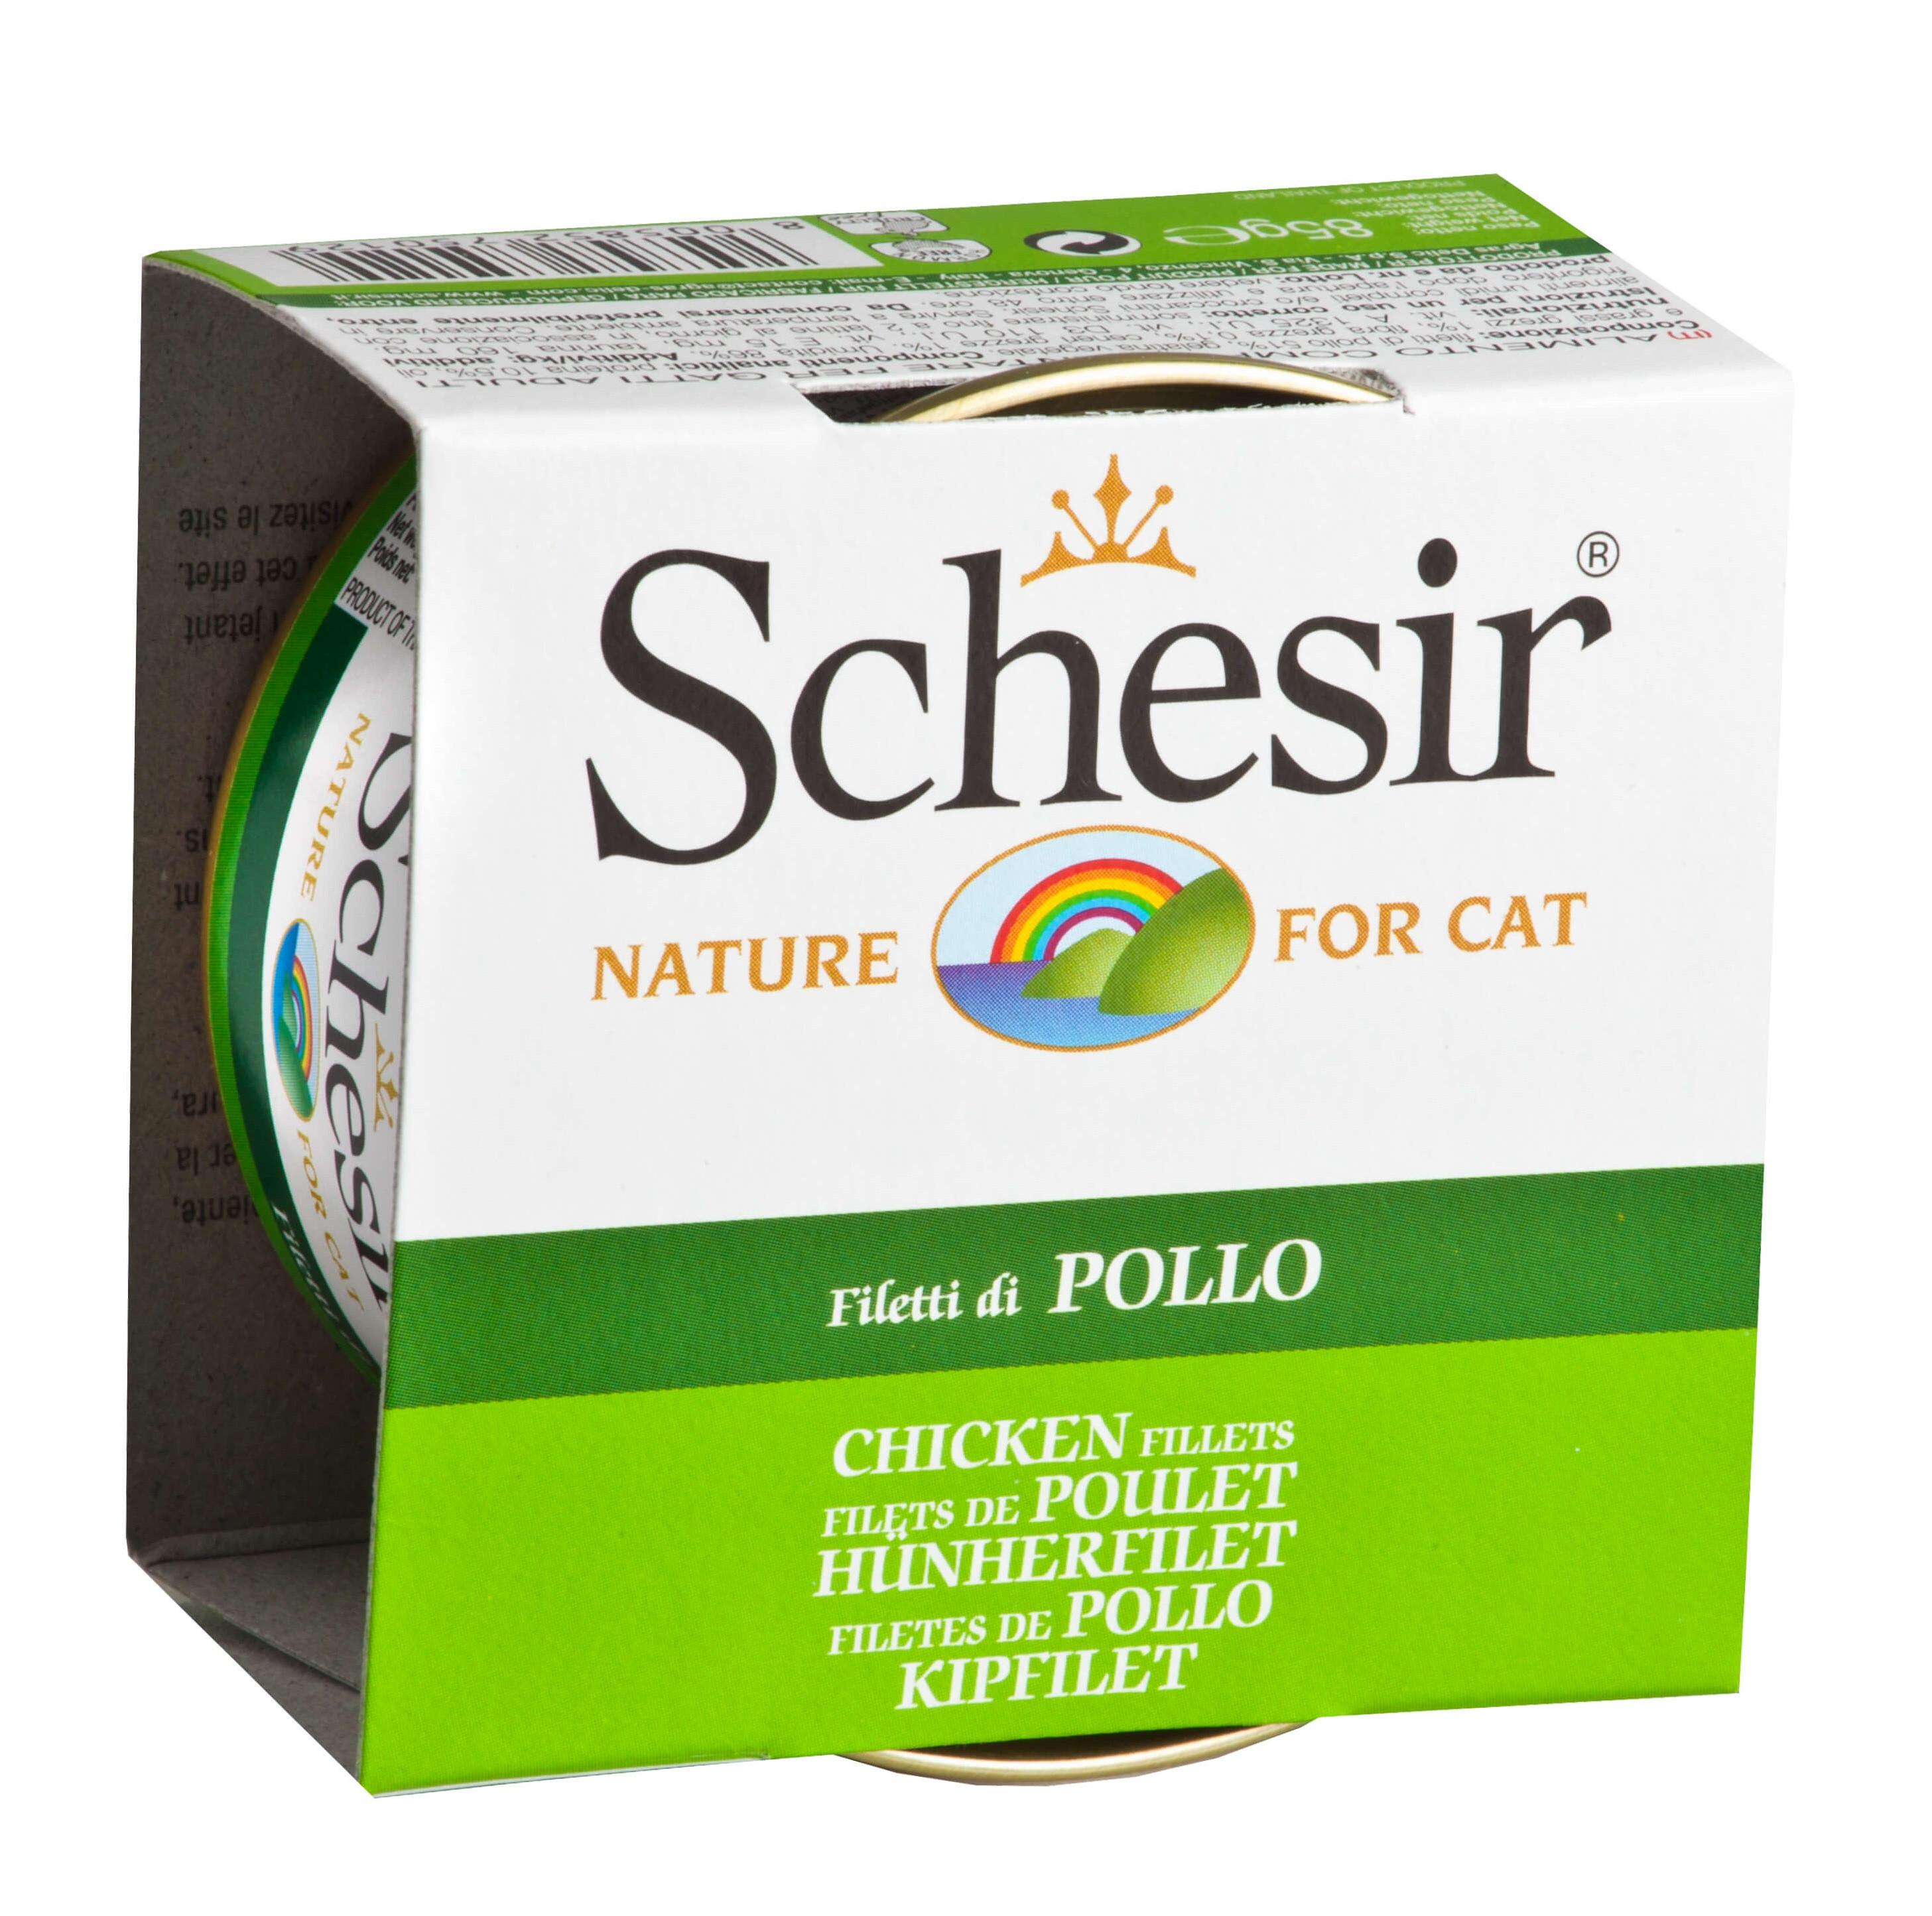 Schesir Hühnerfilet für Katzen nr. 160